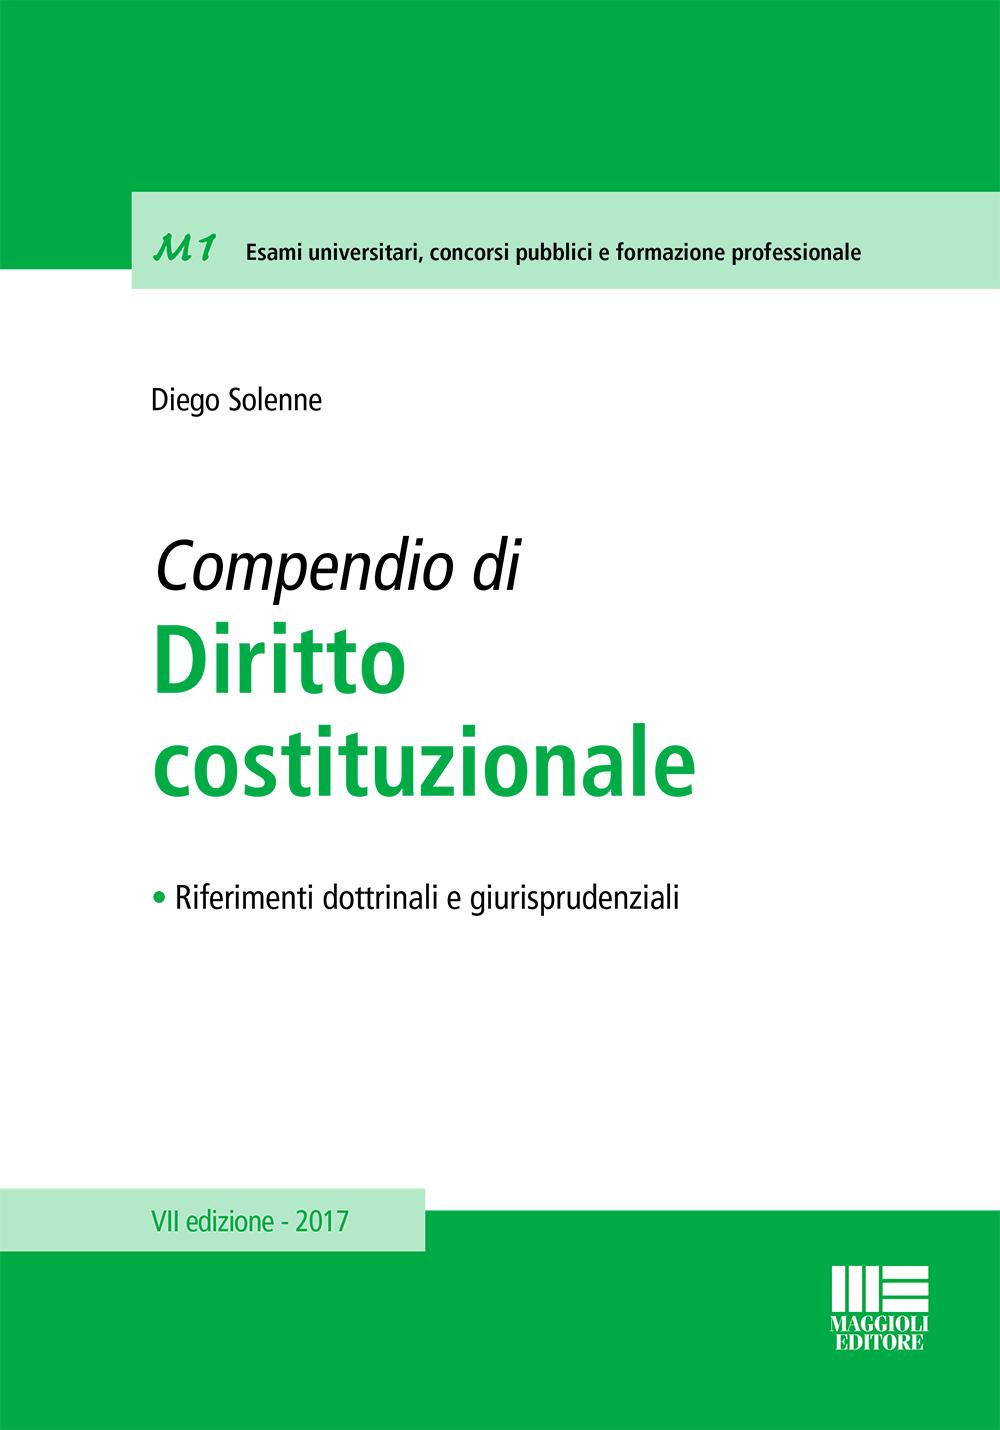 Compendio di Diritto costituzionale (Libro)